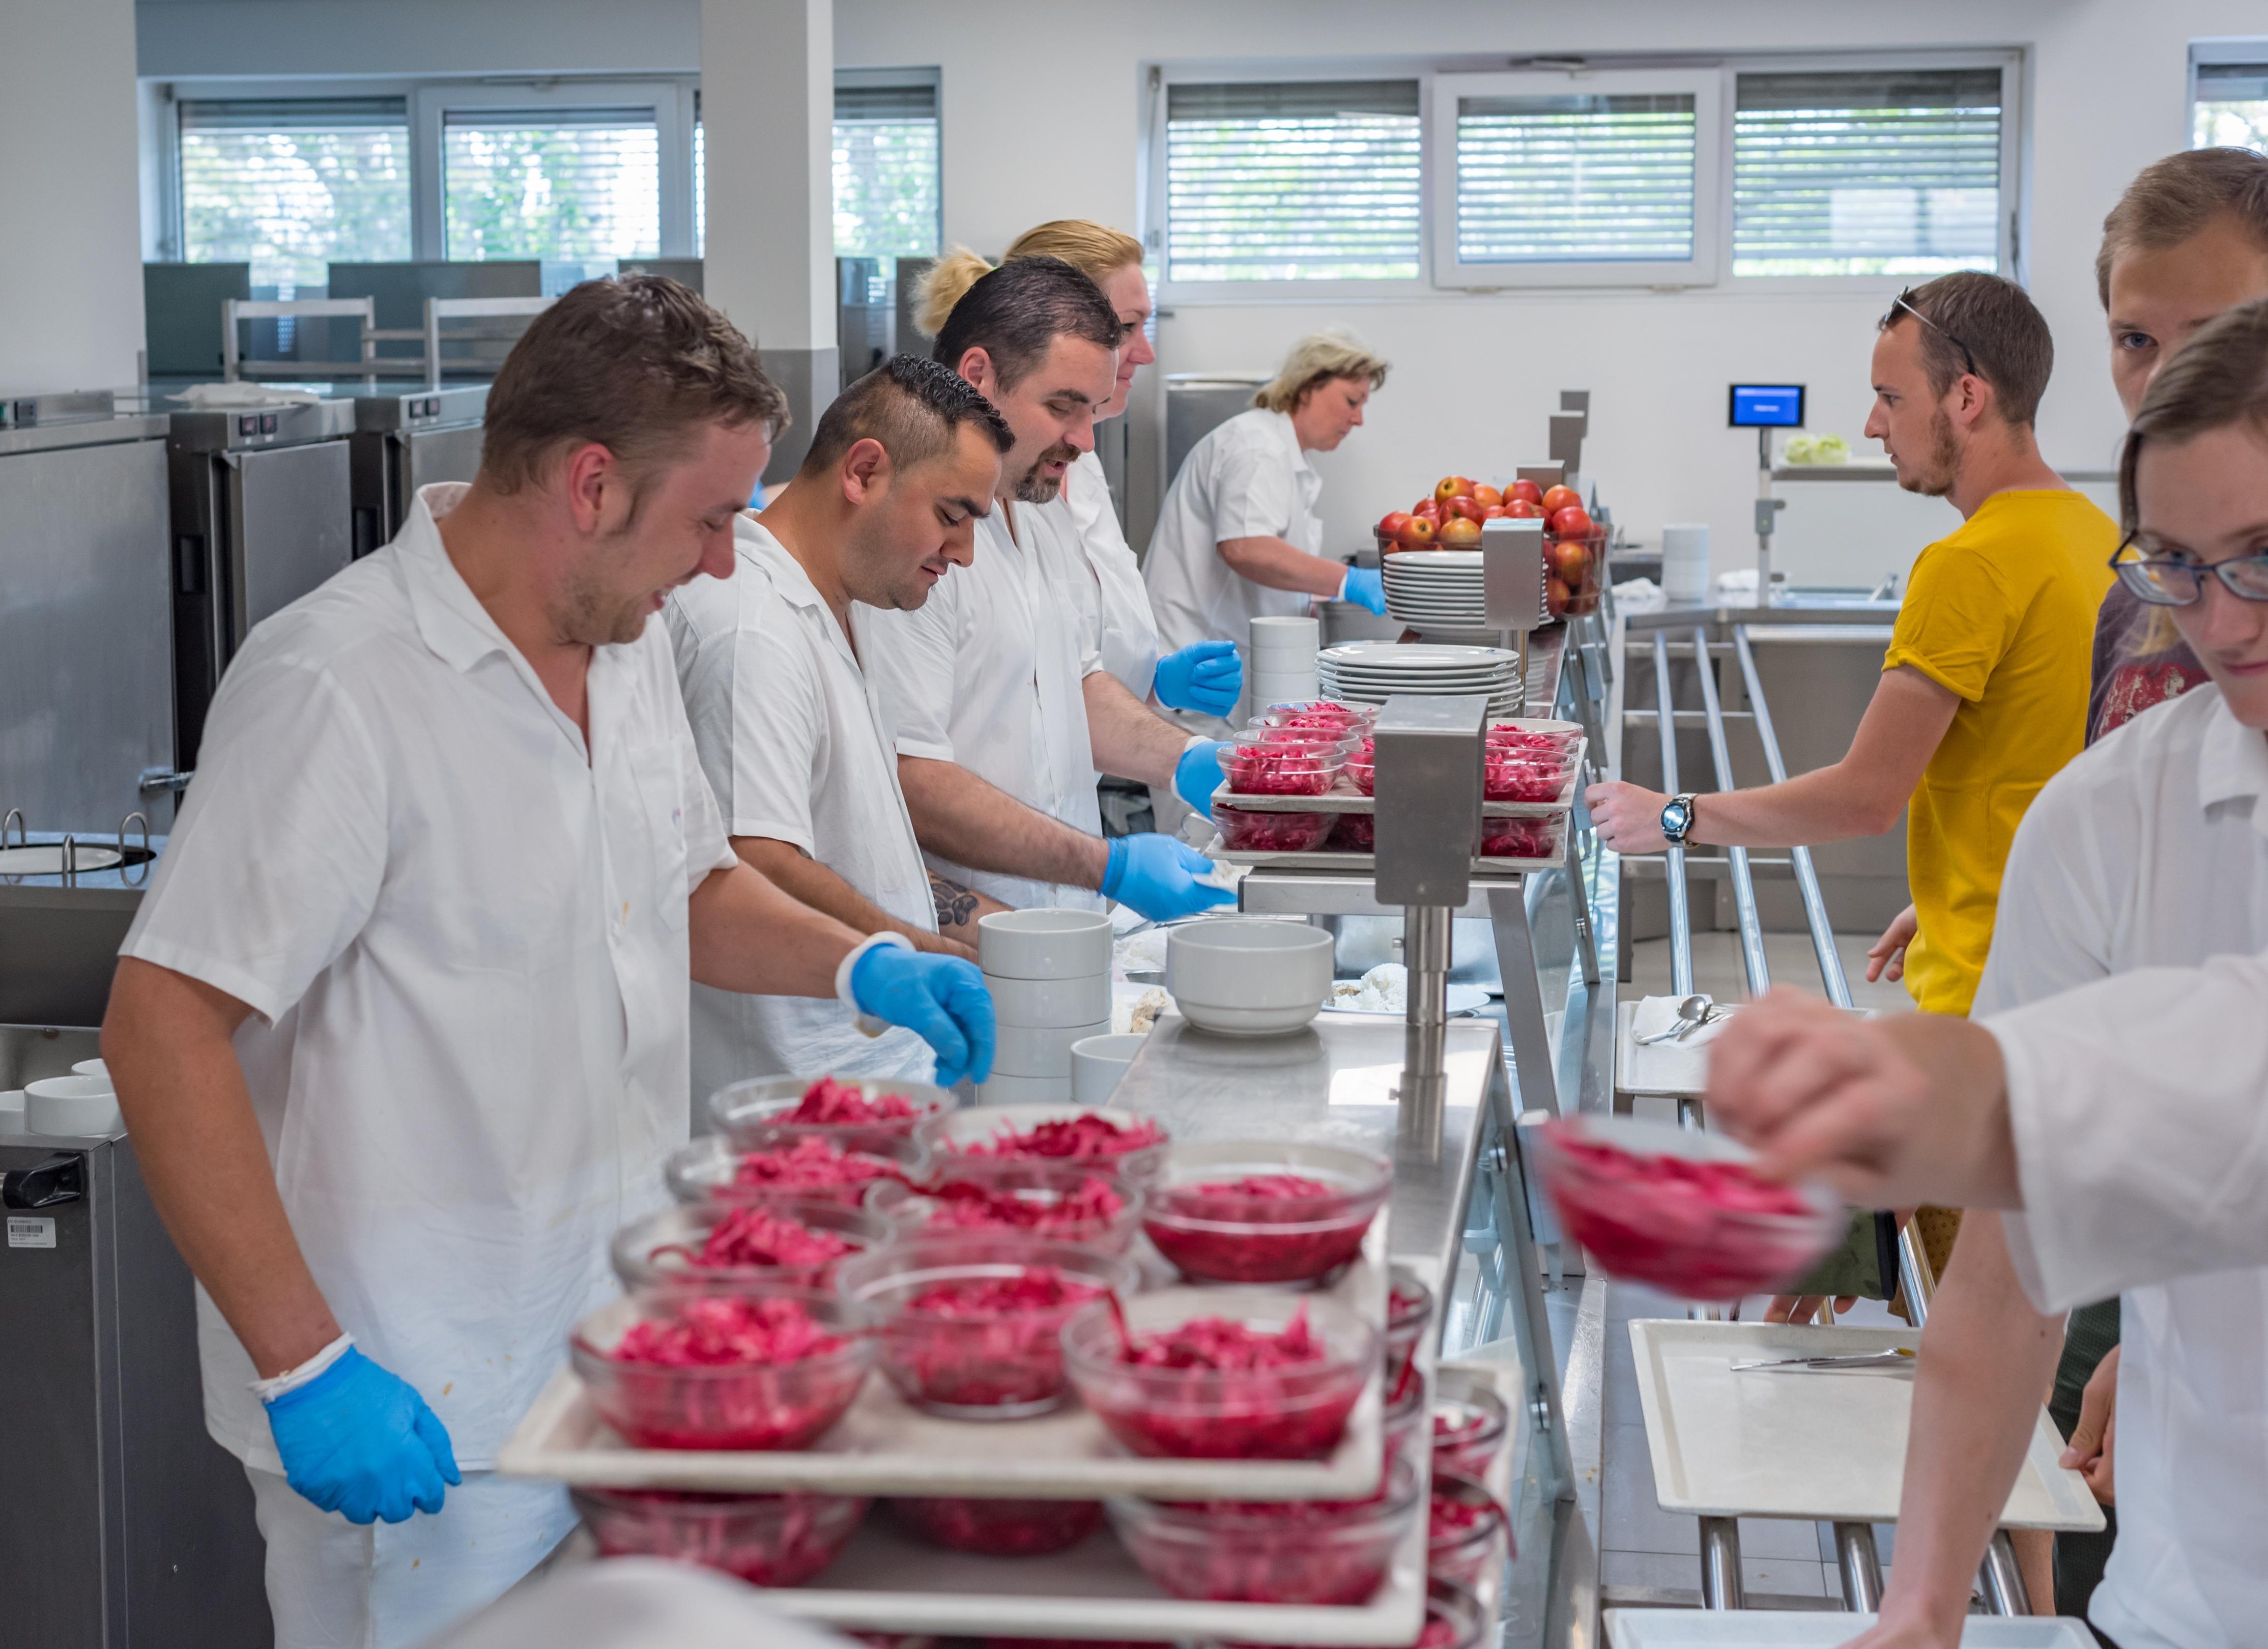 Výběr jako v restauraci - nemocniční kuchyně zdroj foto: FNOL